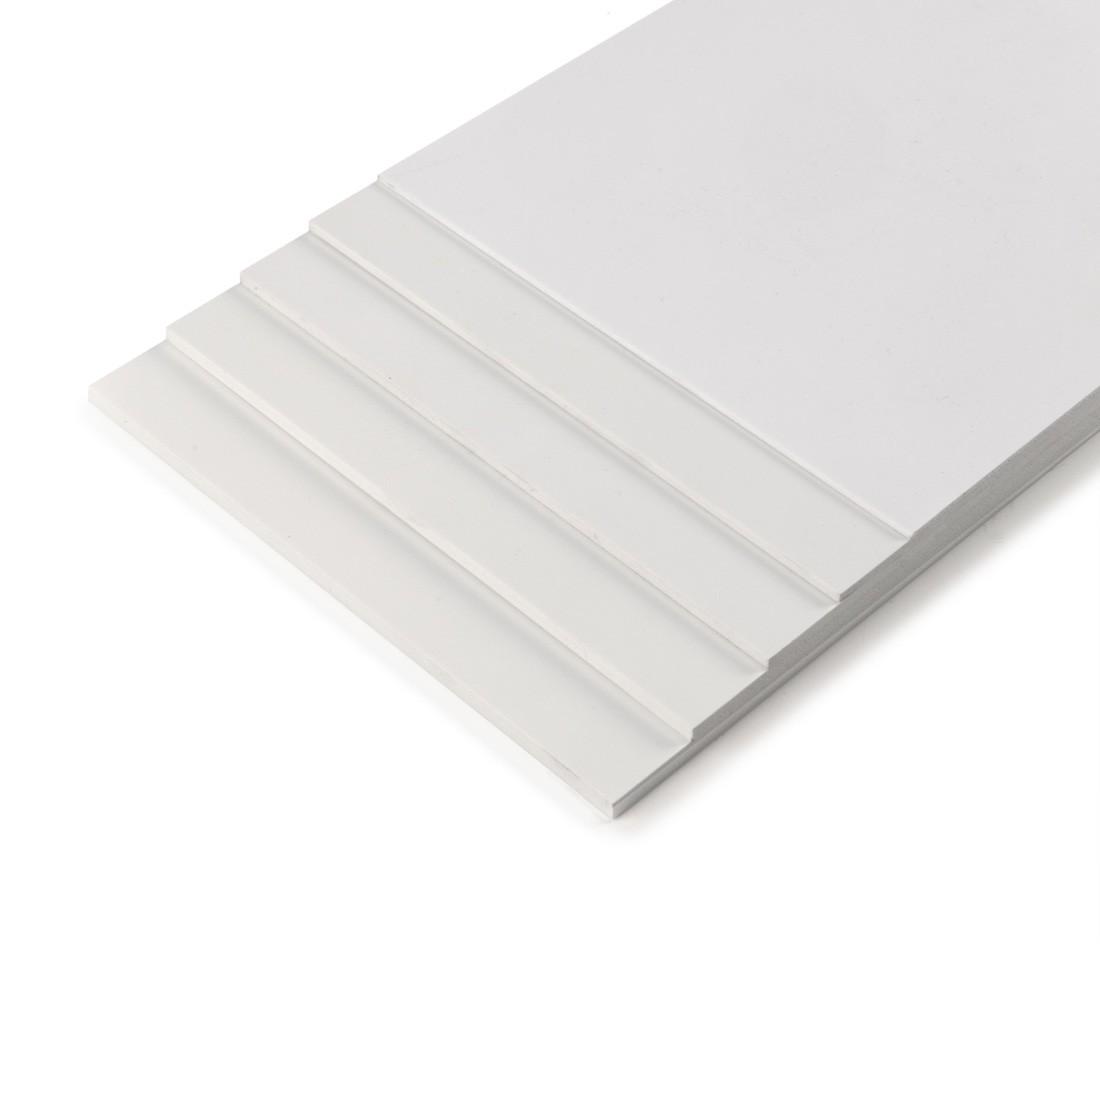 Espuma de PVC blanca mm.194x320-mm.3